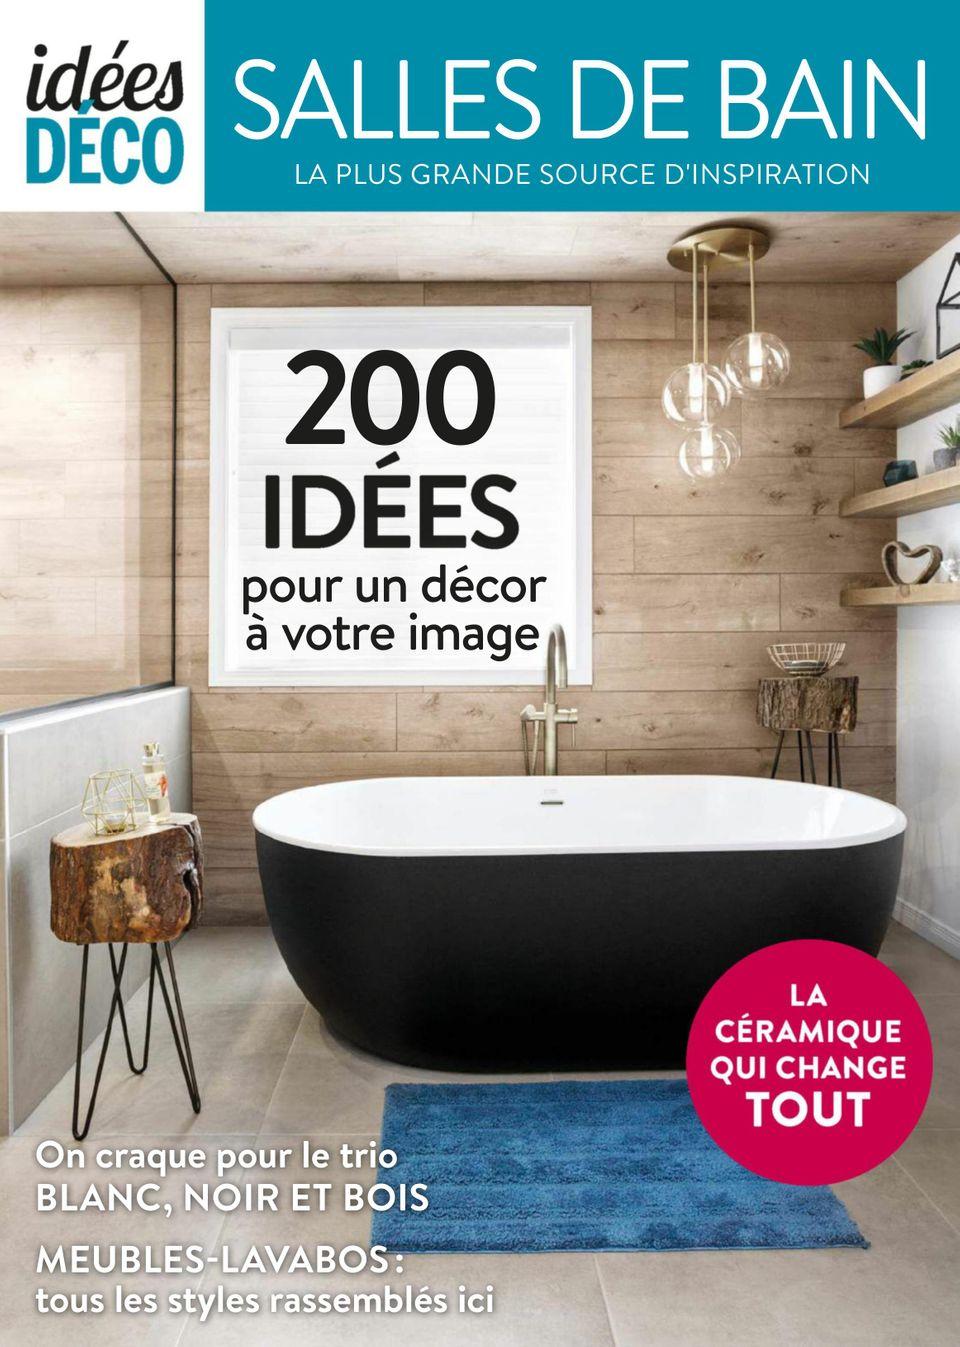 Tout Pour La Salle De Bain get your digital copy of idées dÉco-salles de bain issue